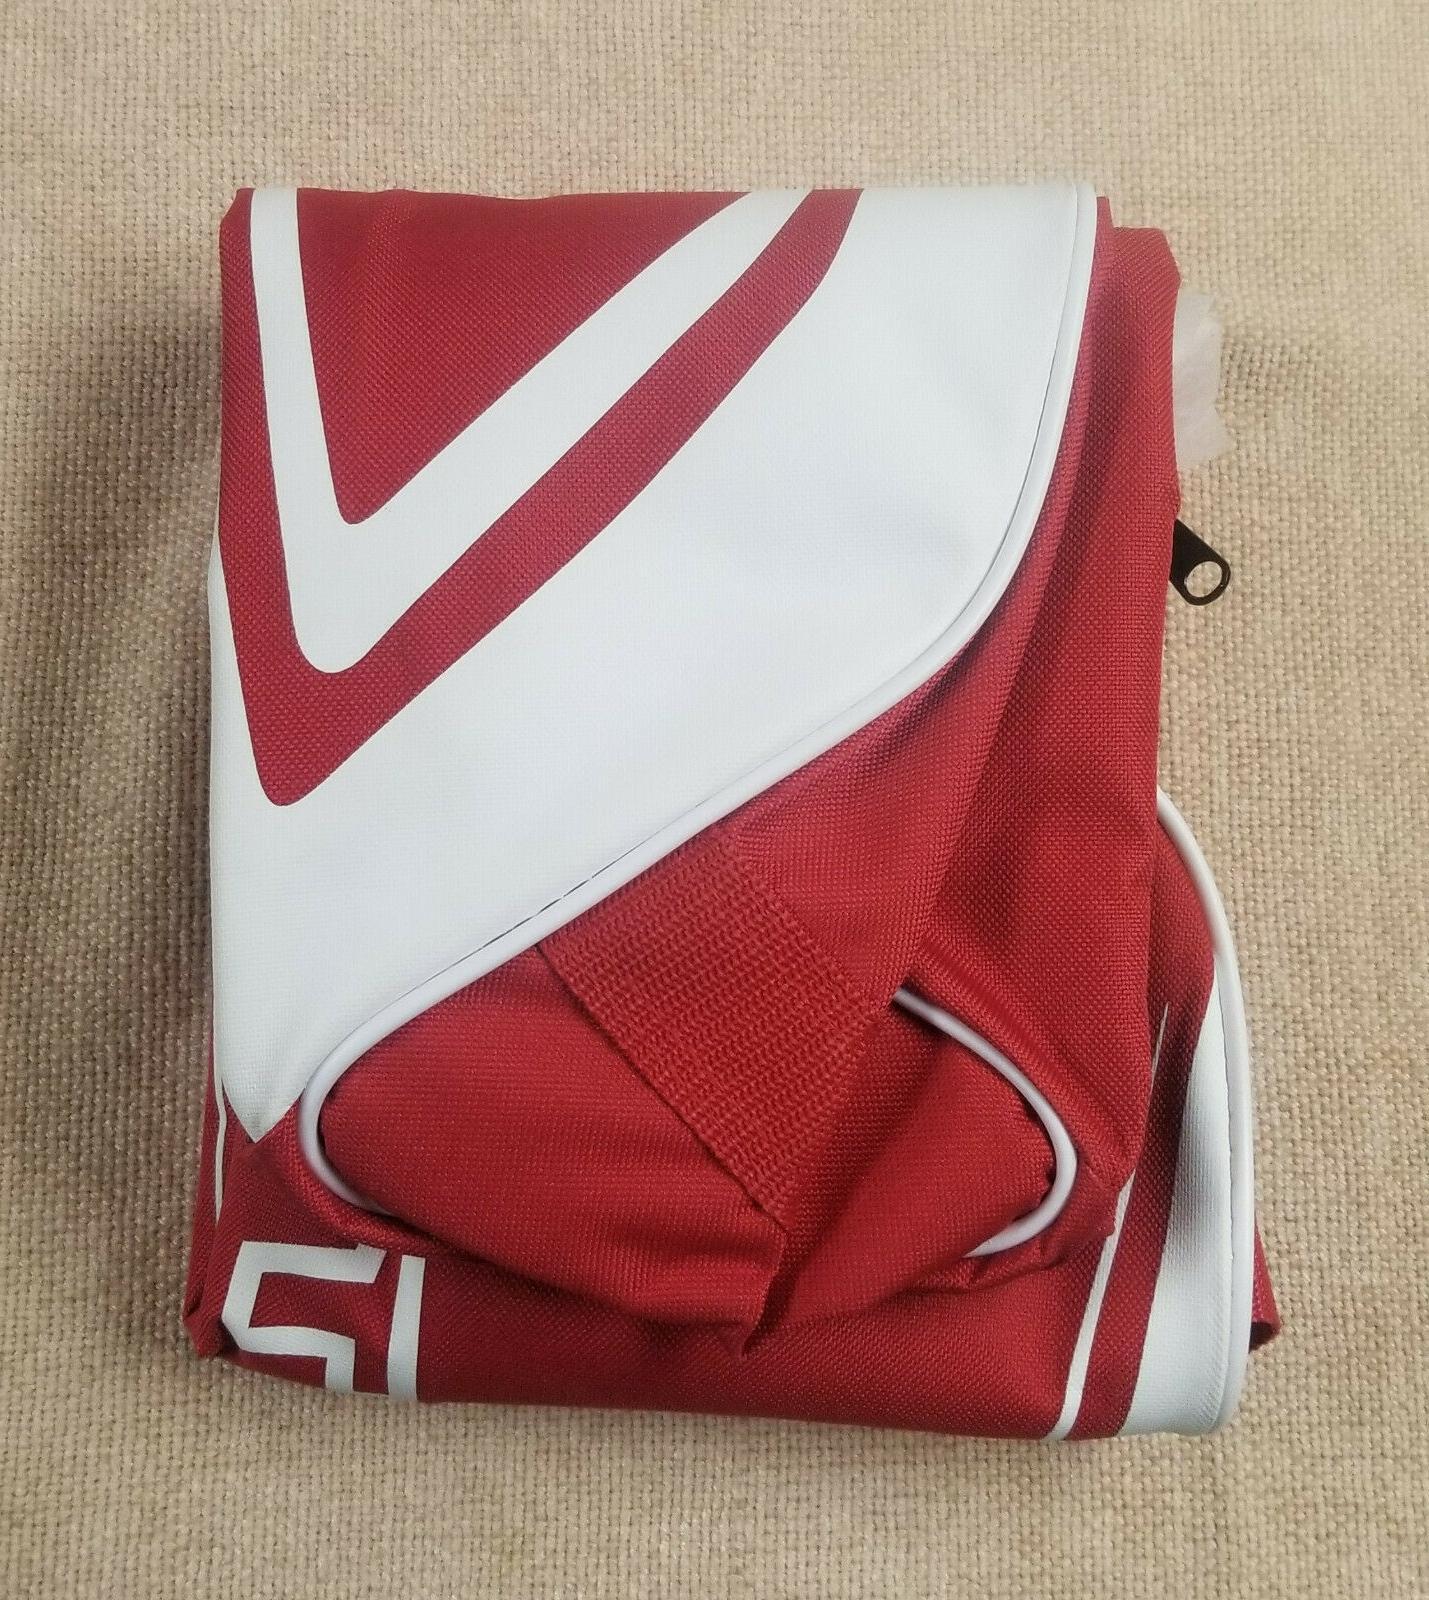 EASTONRed Youth Baseball/Softball Bag